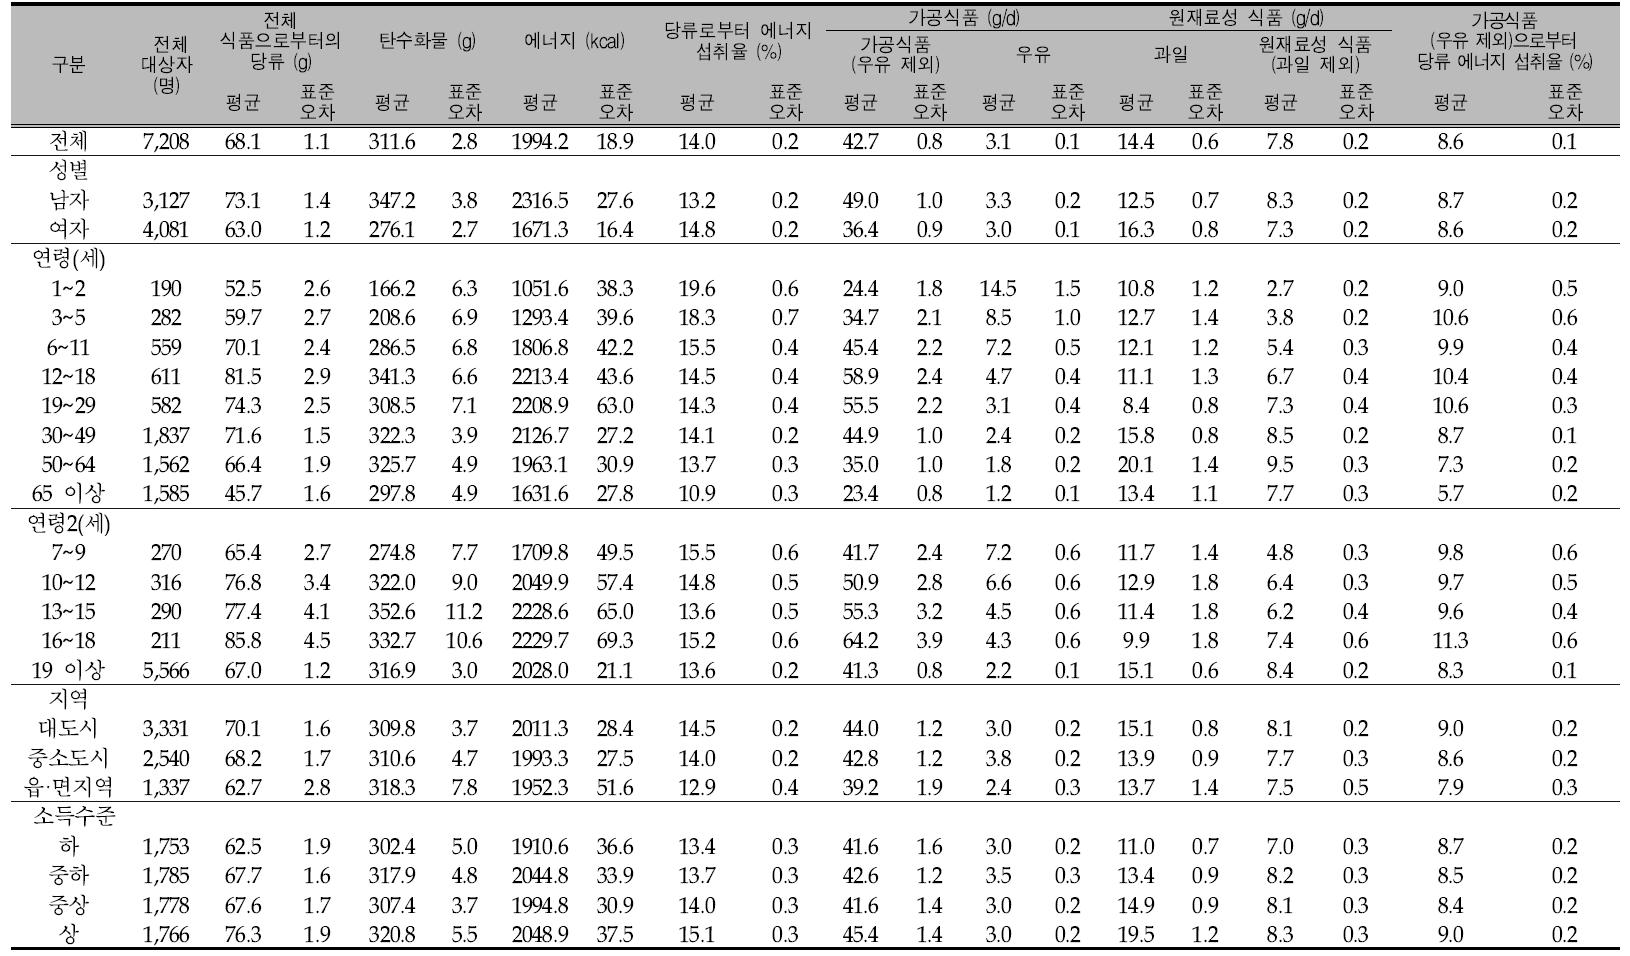 우리 국민의 1인1일 평균 당류 섭취량(성별, 연령별, 지역별, 소득수준별): 국민건강영양조사 2012년